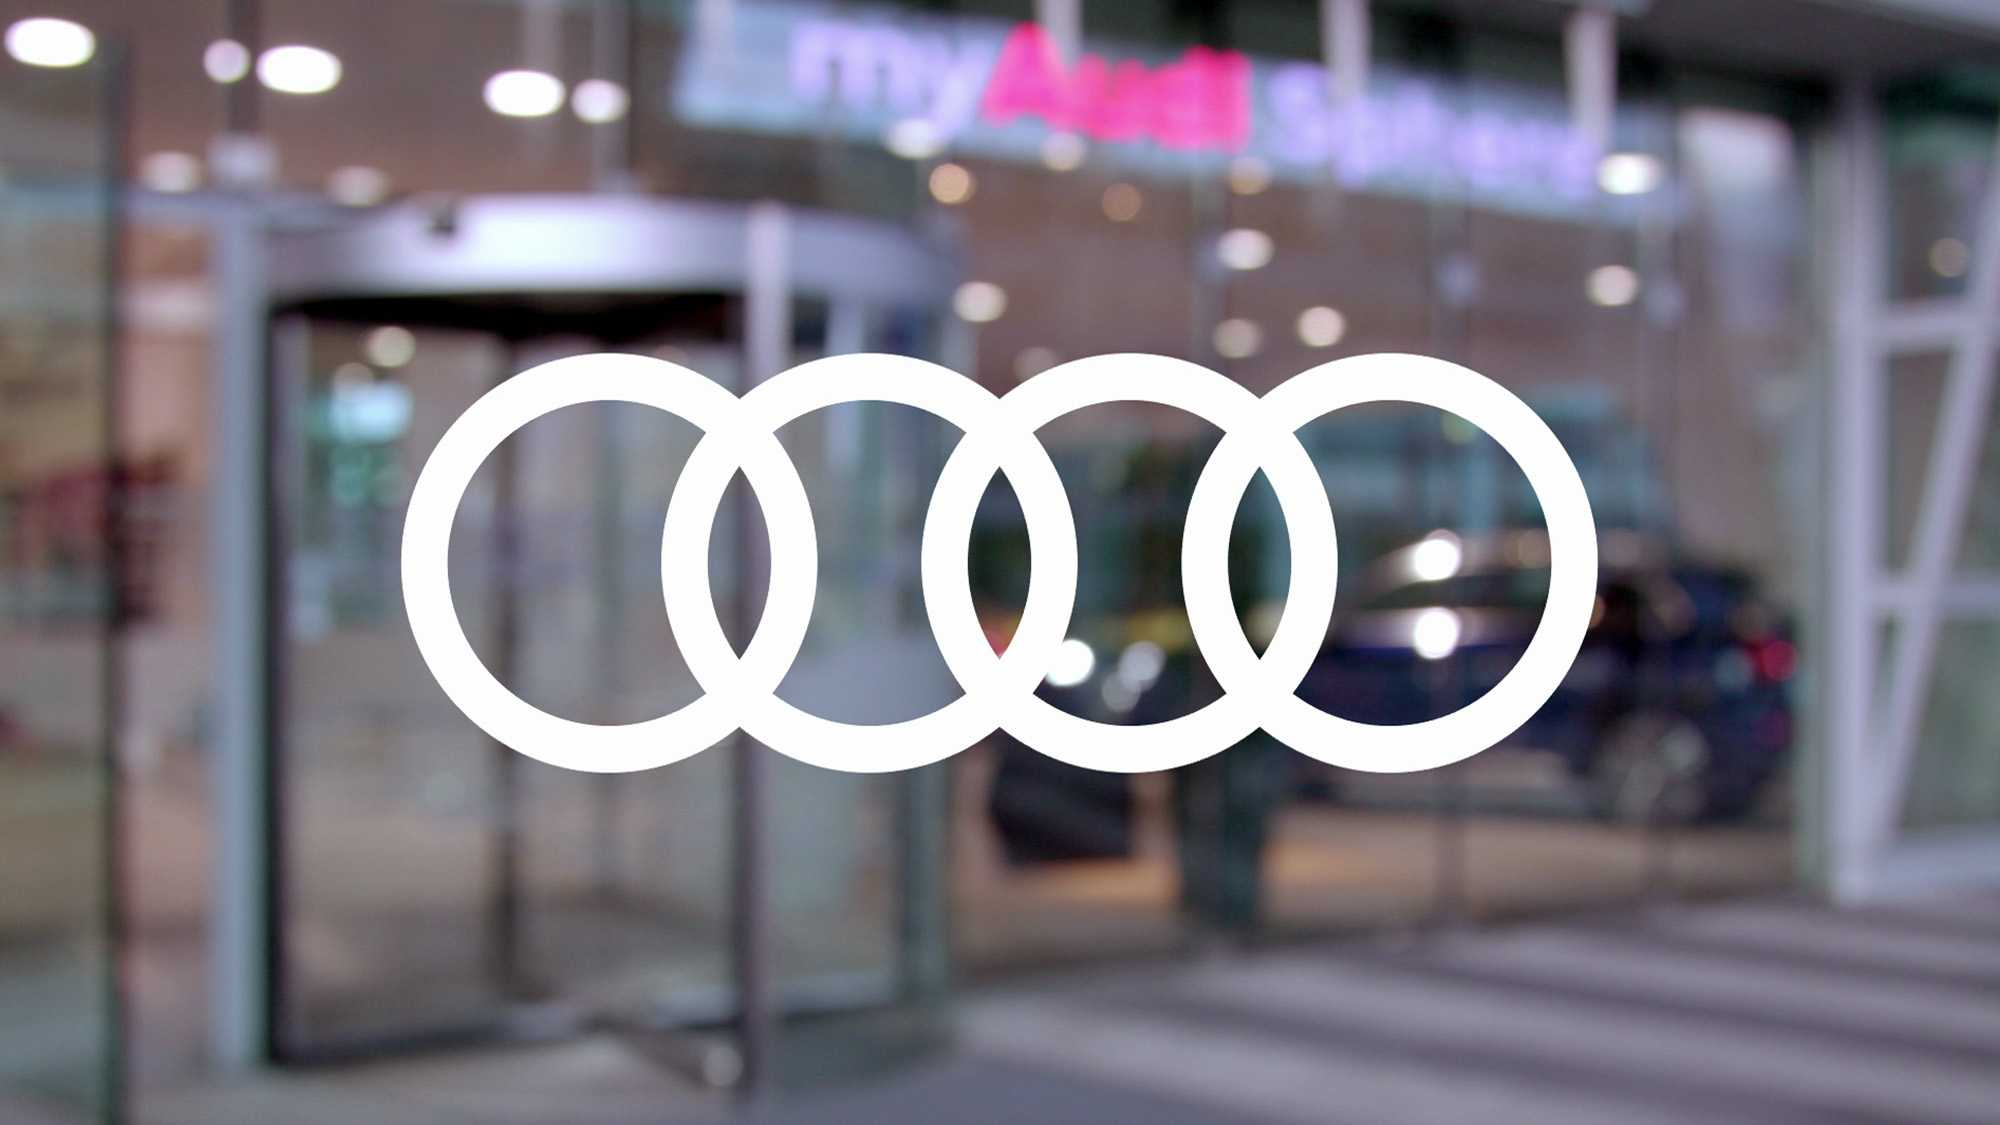 Wir sehen das Logo von Audi. Es ist in der Farbe weiß auf einen verschwommenen Hintergrund angebracht. Der Hintergrund zeigt den Eingang einer Audi Geschäftsstelle. Das Bild dient als Sliderbild für den Portfolioeintrag Audi on demand – Launchfilm von Panda Pictures.